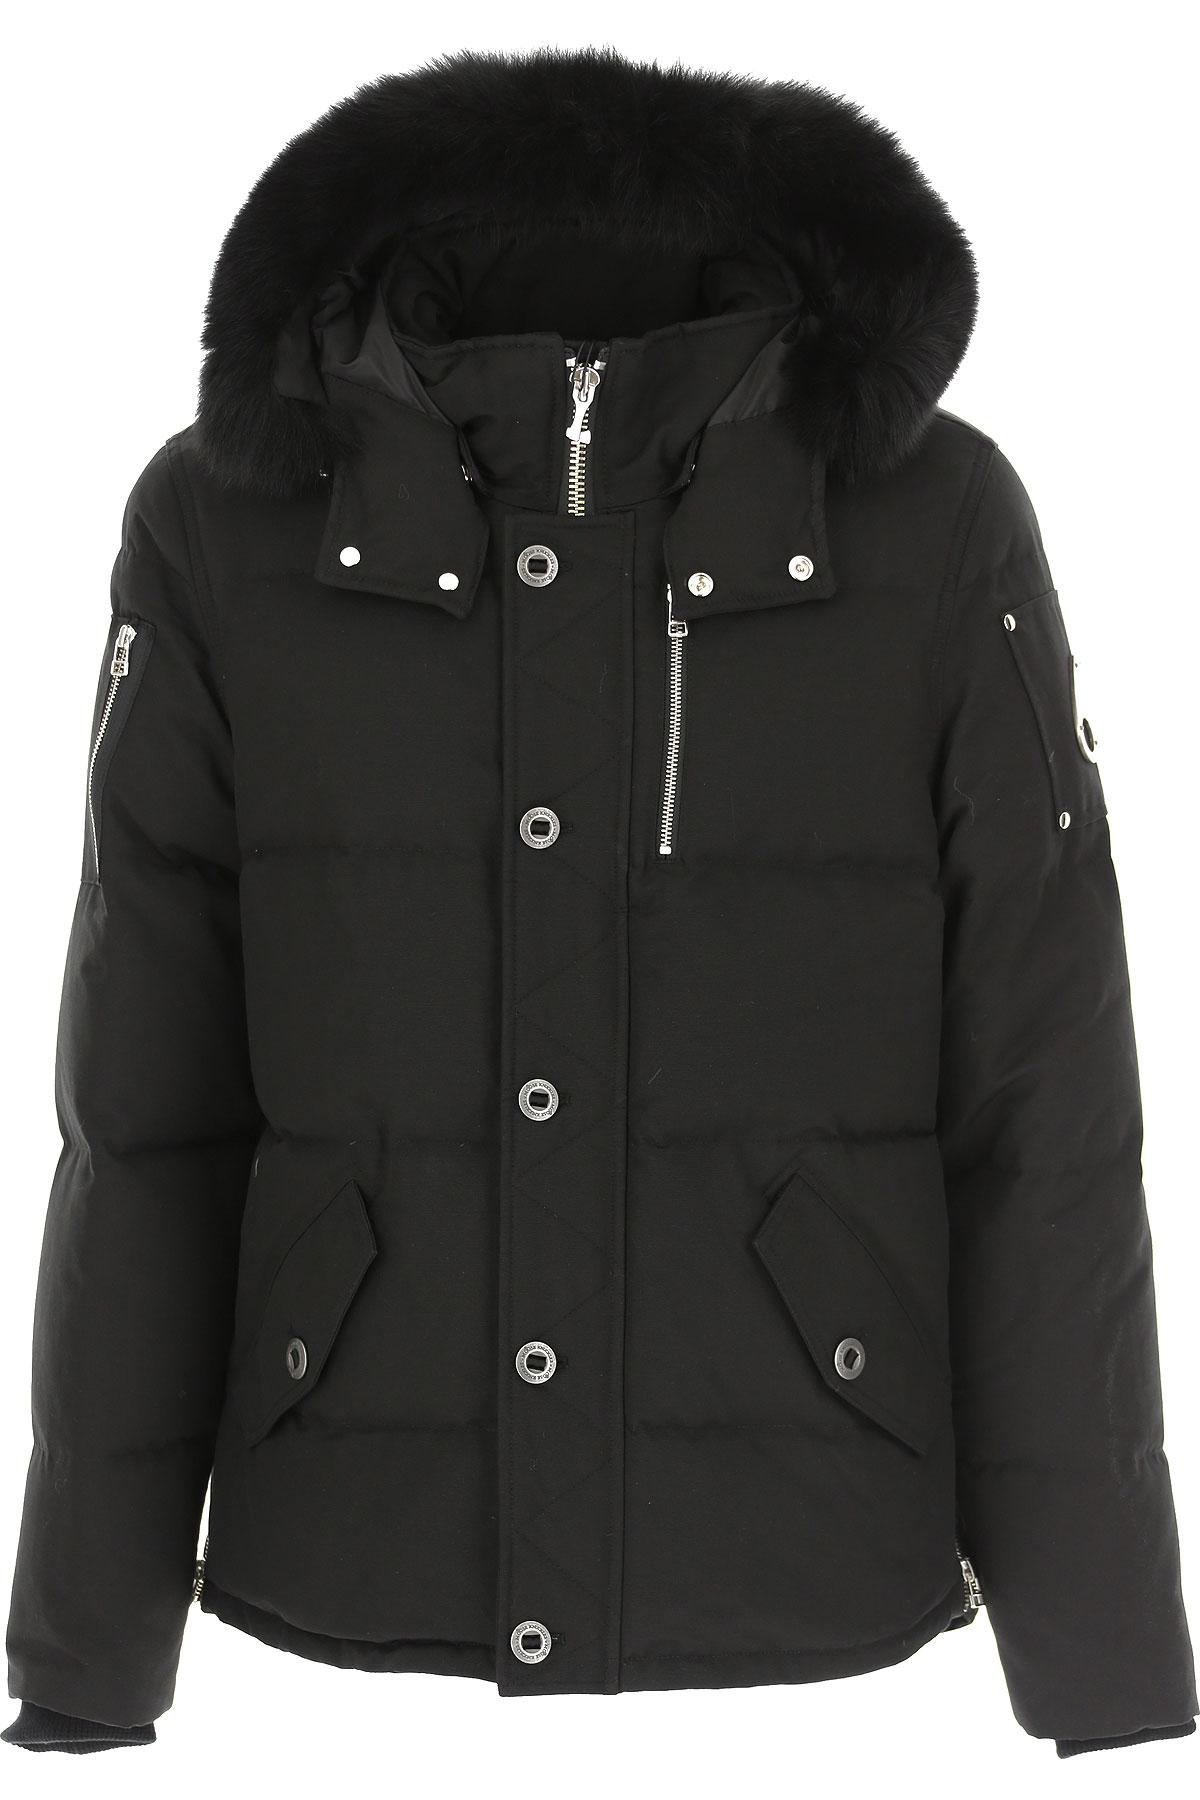 Moose Knuckles Down Jacket for Men, Puffer Ski Jacket On Sale, Black, Down, 2019, L S